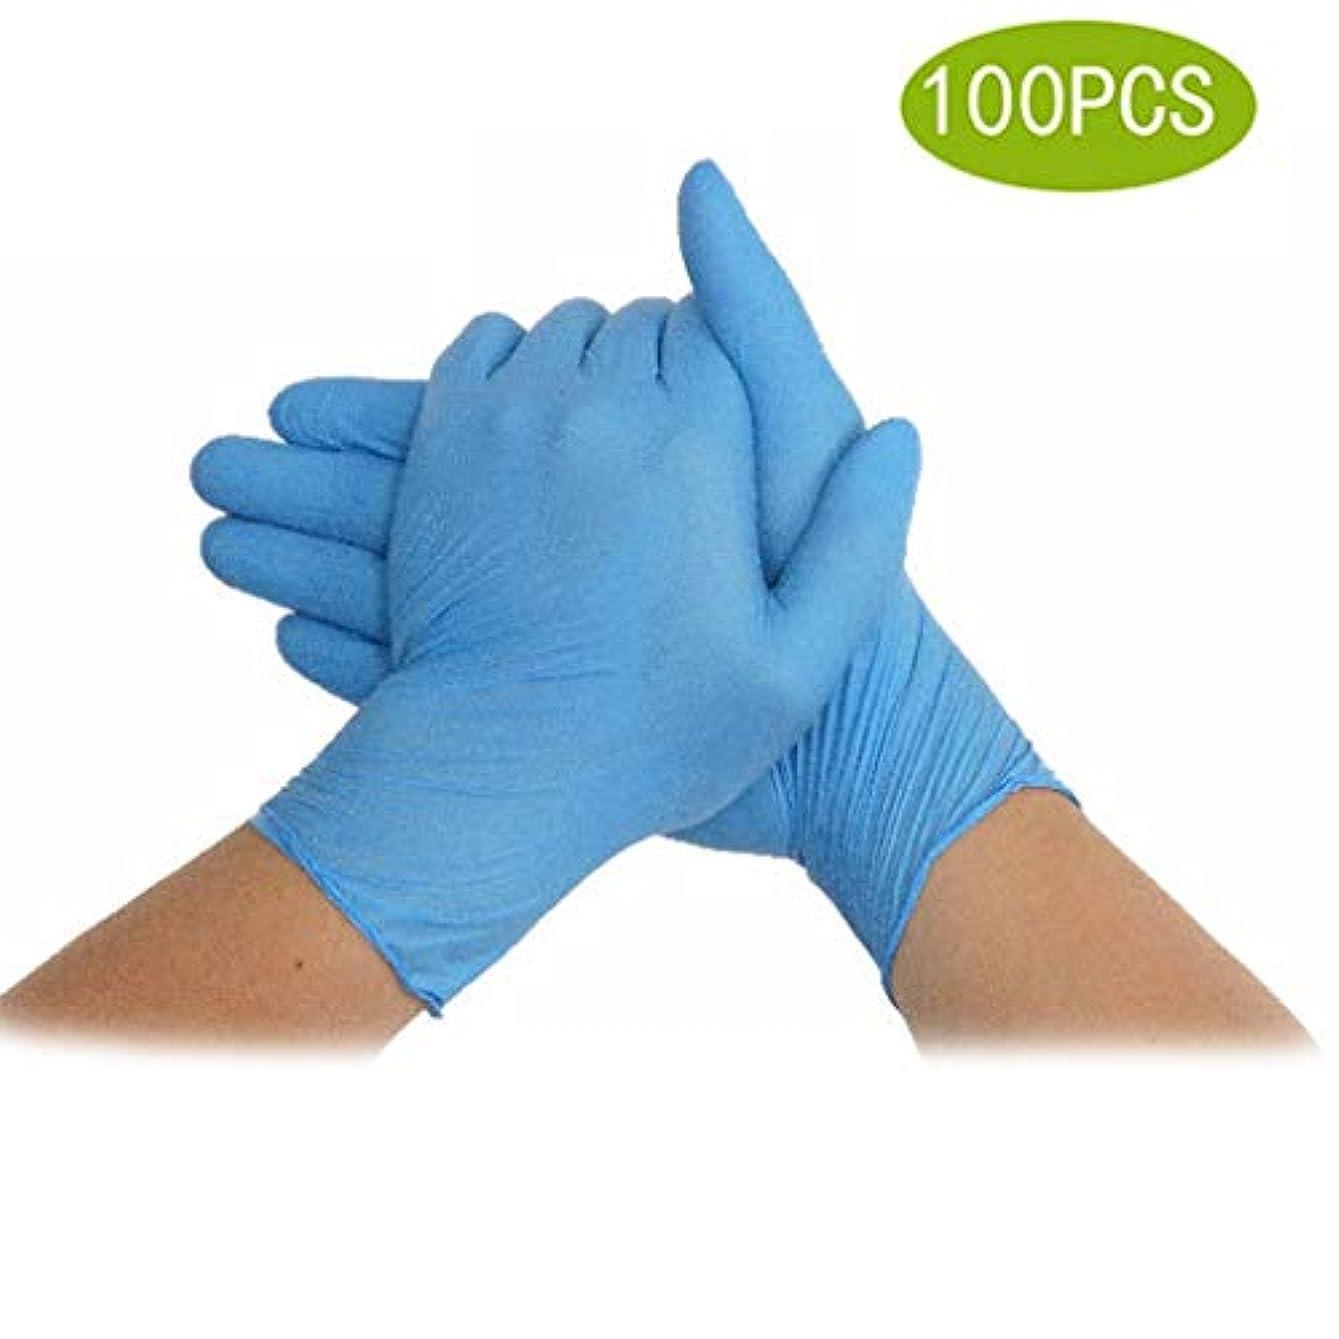 食欲フリース抽象9インチ使い捨て手袋軽量安全フィットニトリル手袋ミディアムパウダーフリーラテックスフリーライト作業クリーニング園芸医療用グレードタトゥーメディカル試験用手袋100倍 (Size : S)